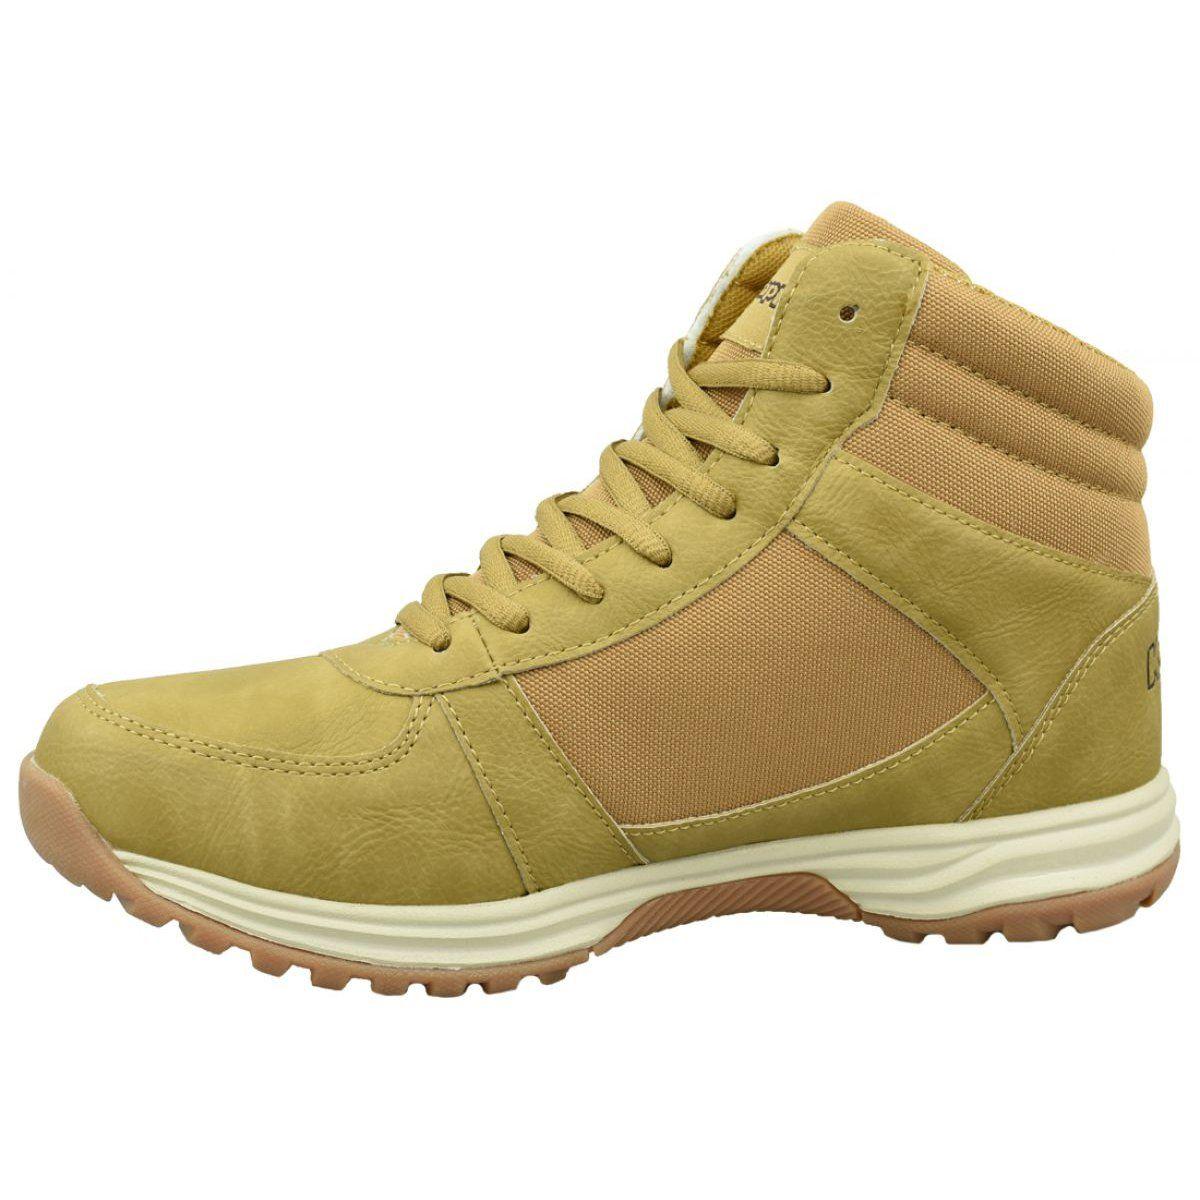 Buty Kappa Brasker Mid M 242373 4141 Wielokolorowe Zolte Shoes Trekking Shoes Shoe Feature